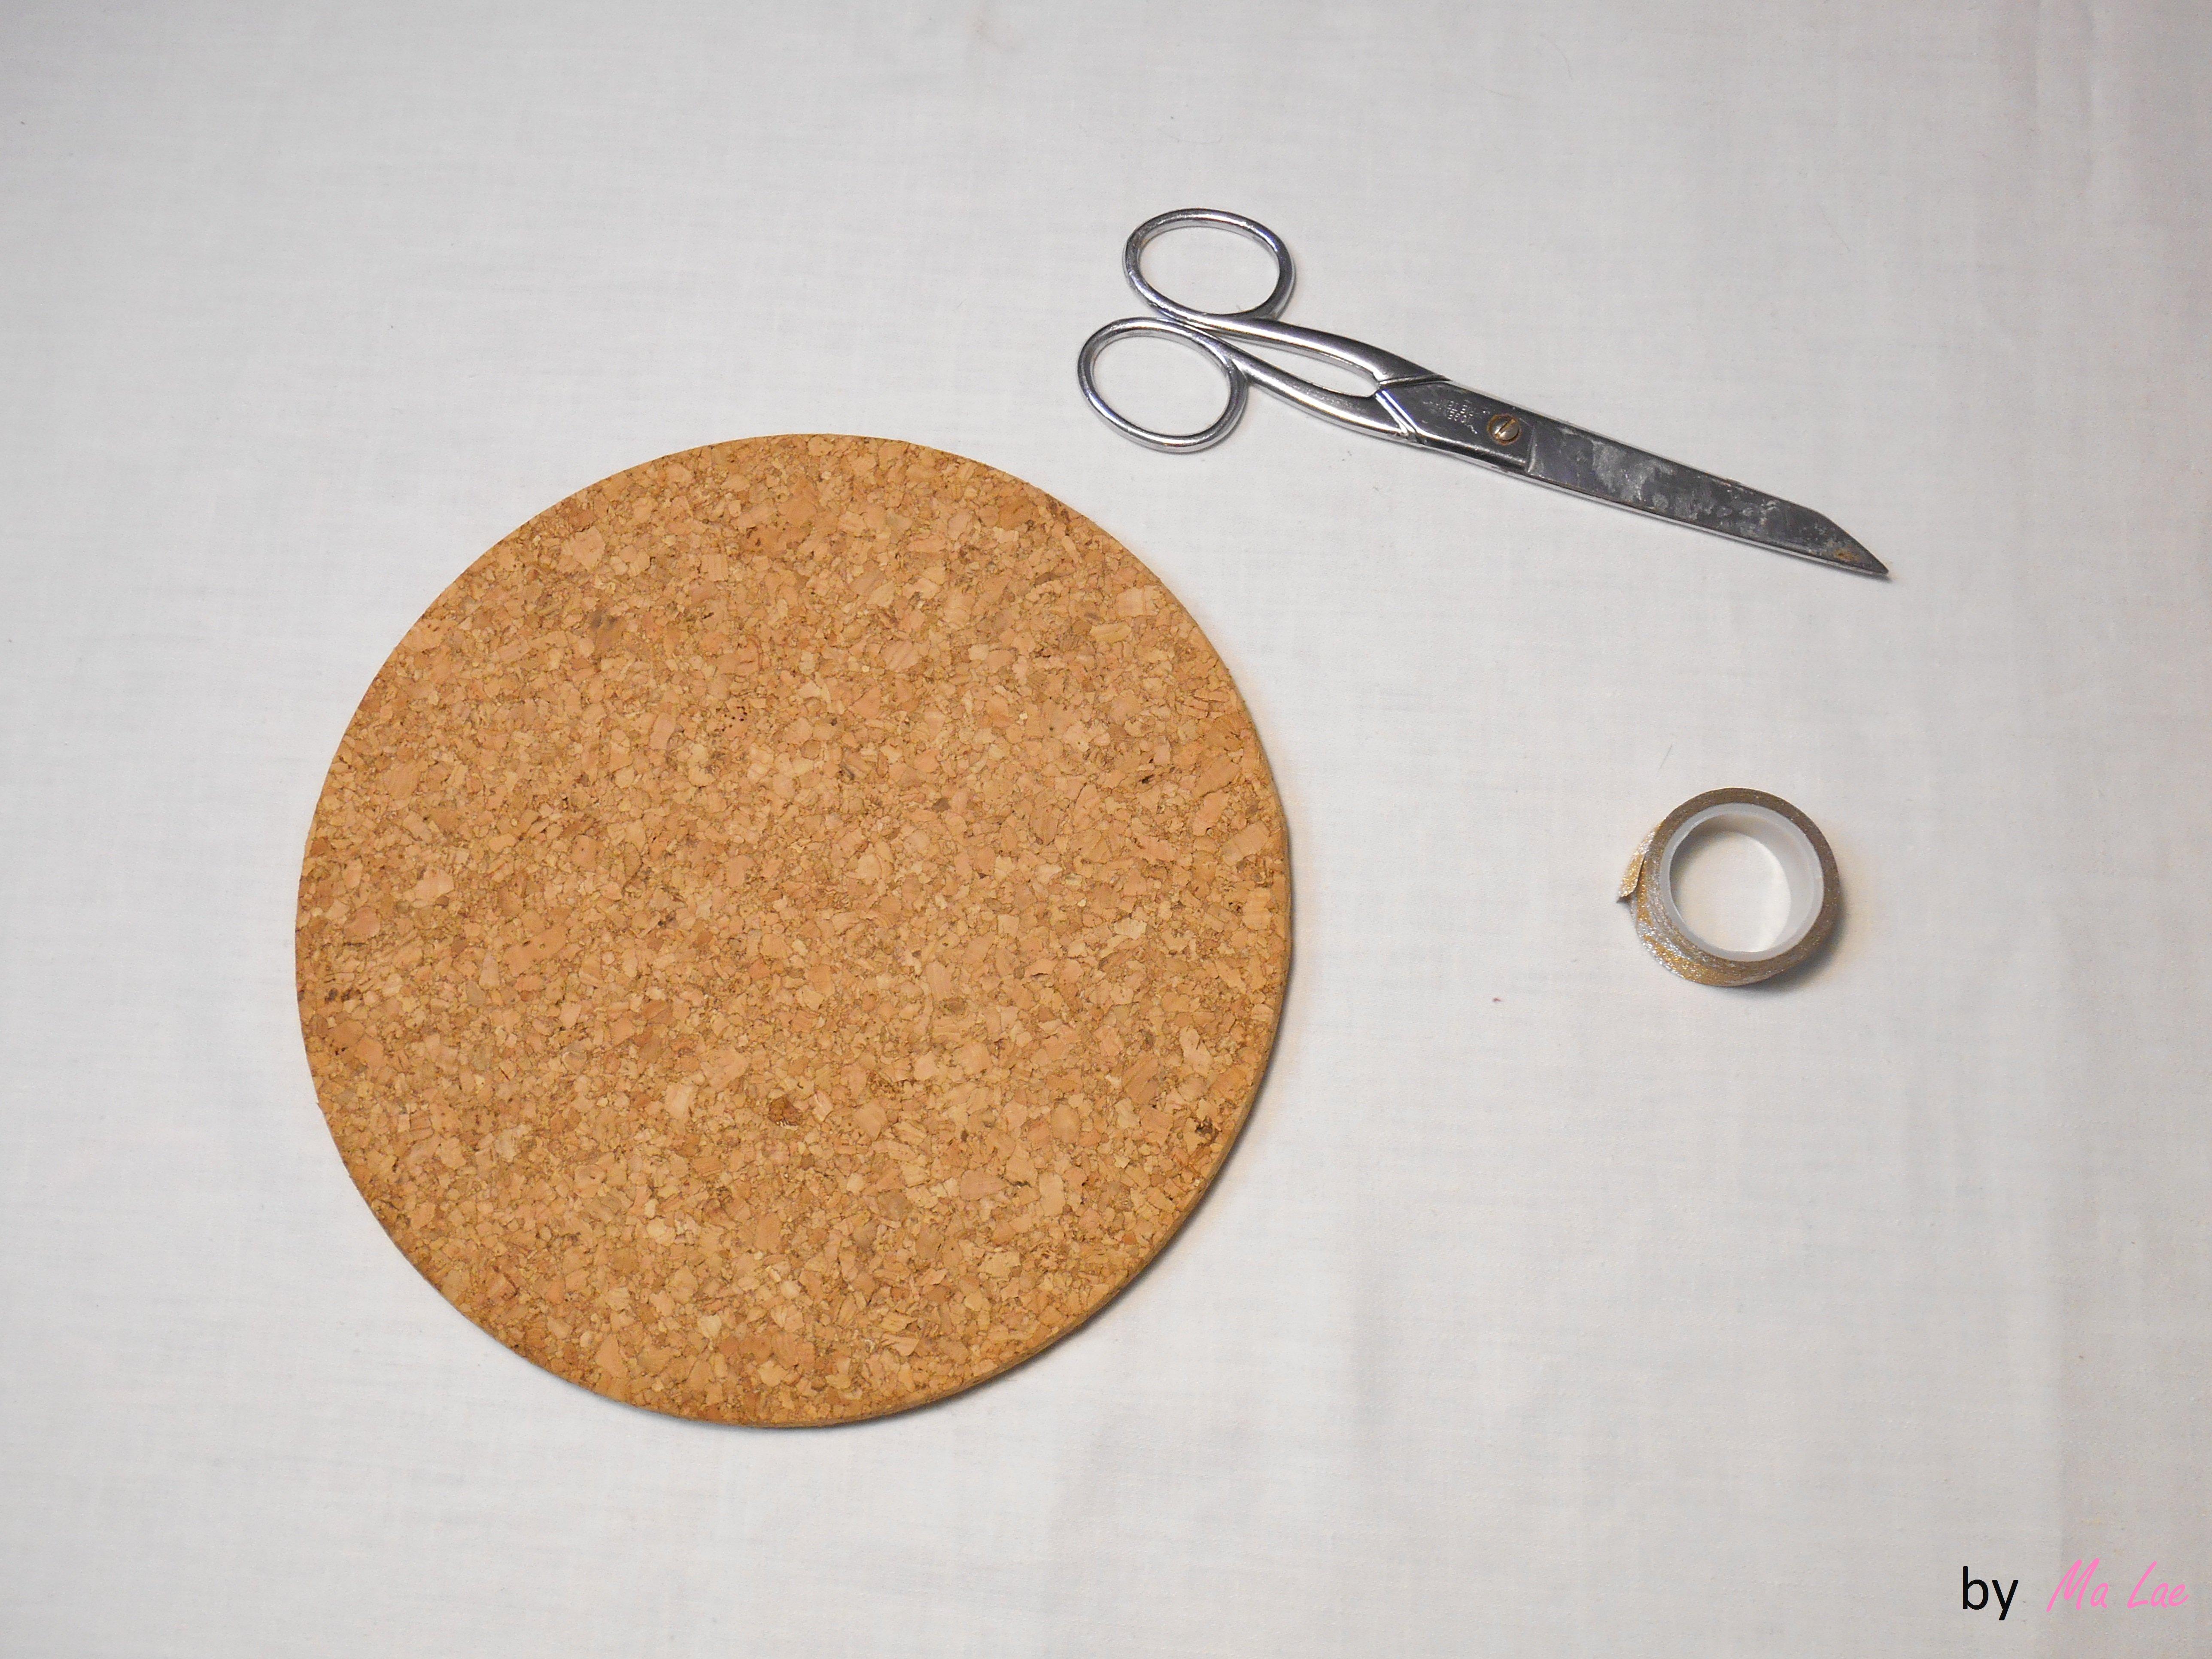 Tutoriel diy d co dessous de plat transform s en cadre d co - Dessous de plat en liege ...